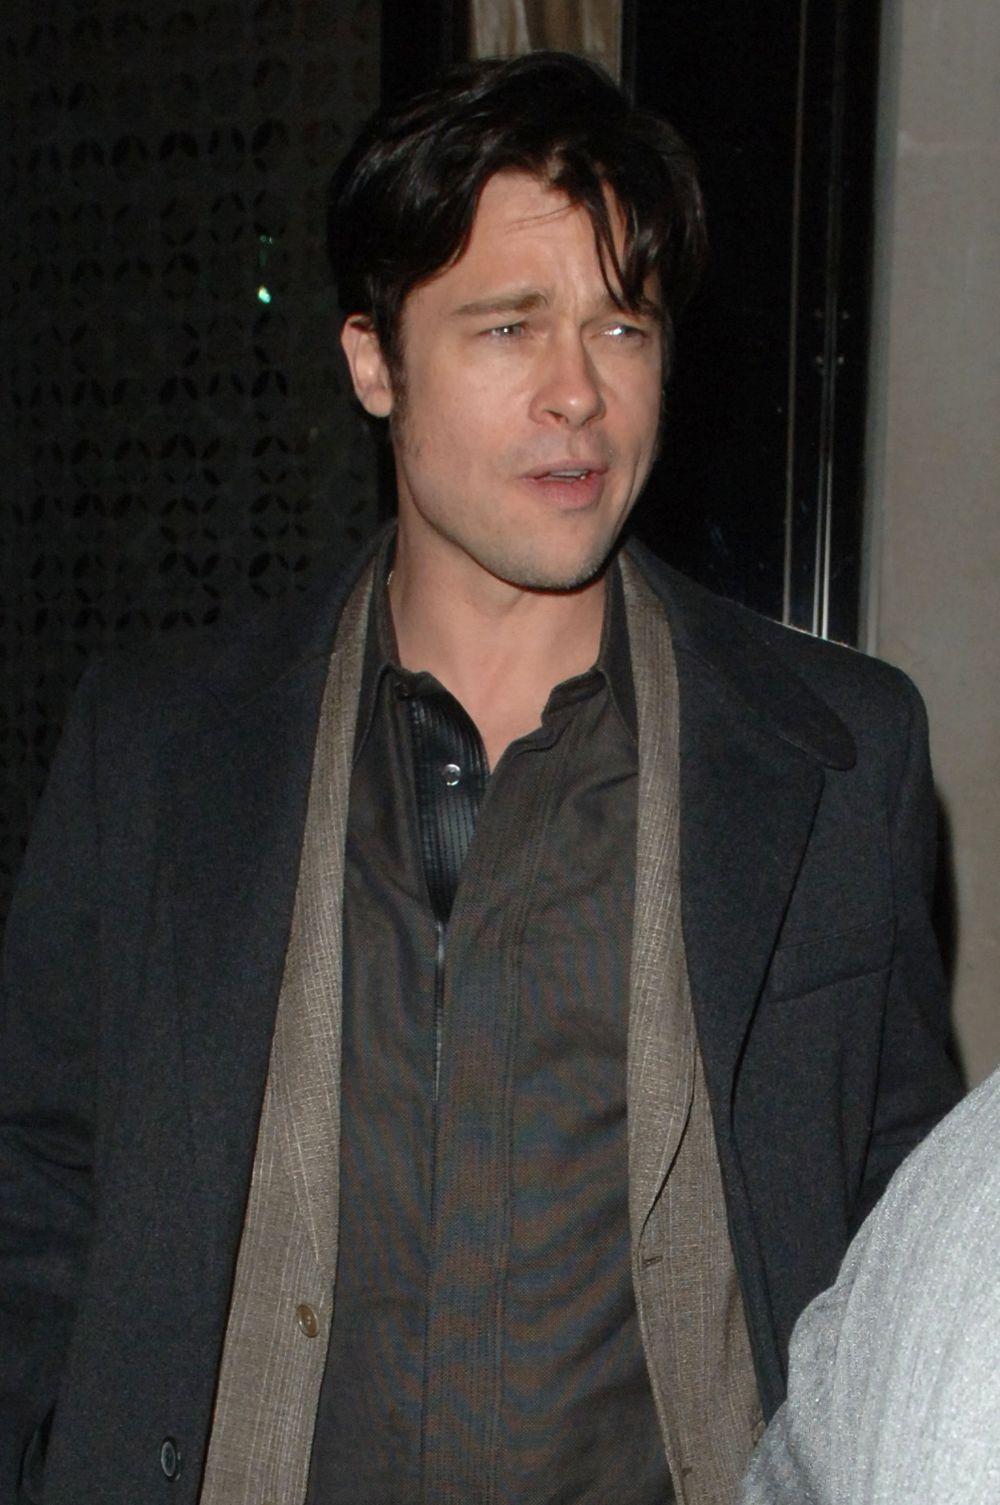 2006 год. Журналисты поджидают Брэда Питта у выхода из ресторана, где он ужинал с Джейми Оливером, Мадонной и Гаем Ричи